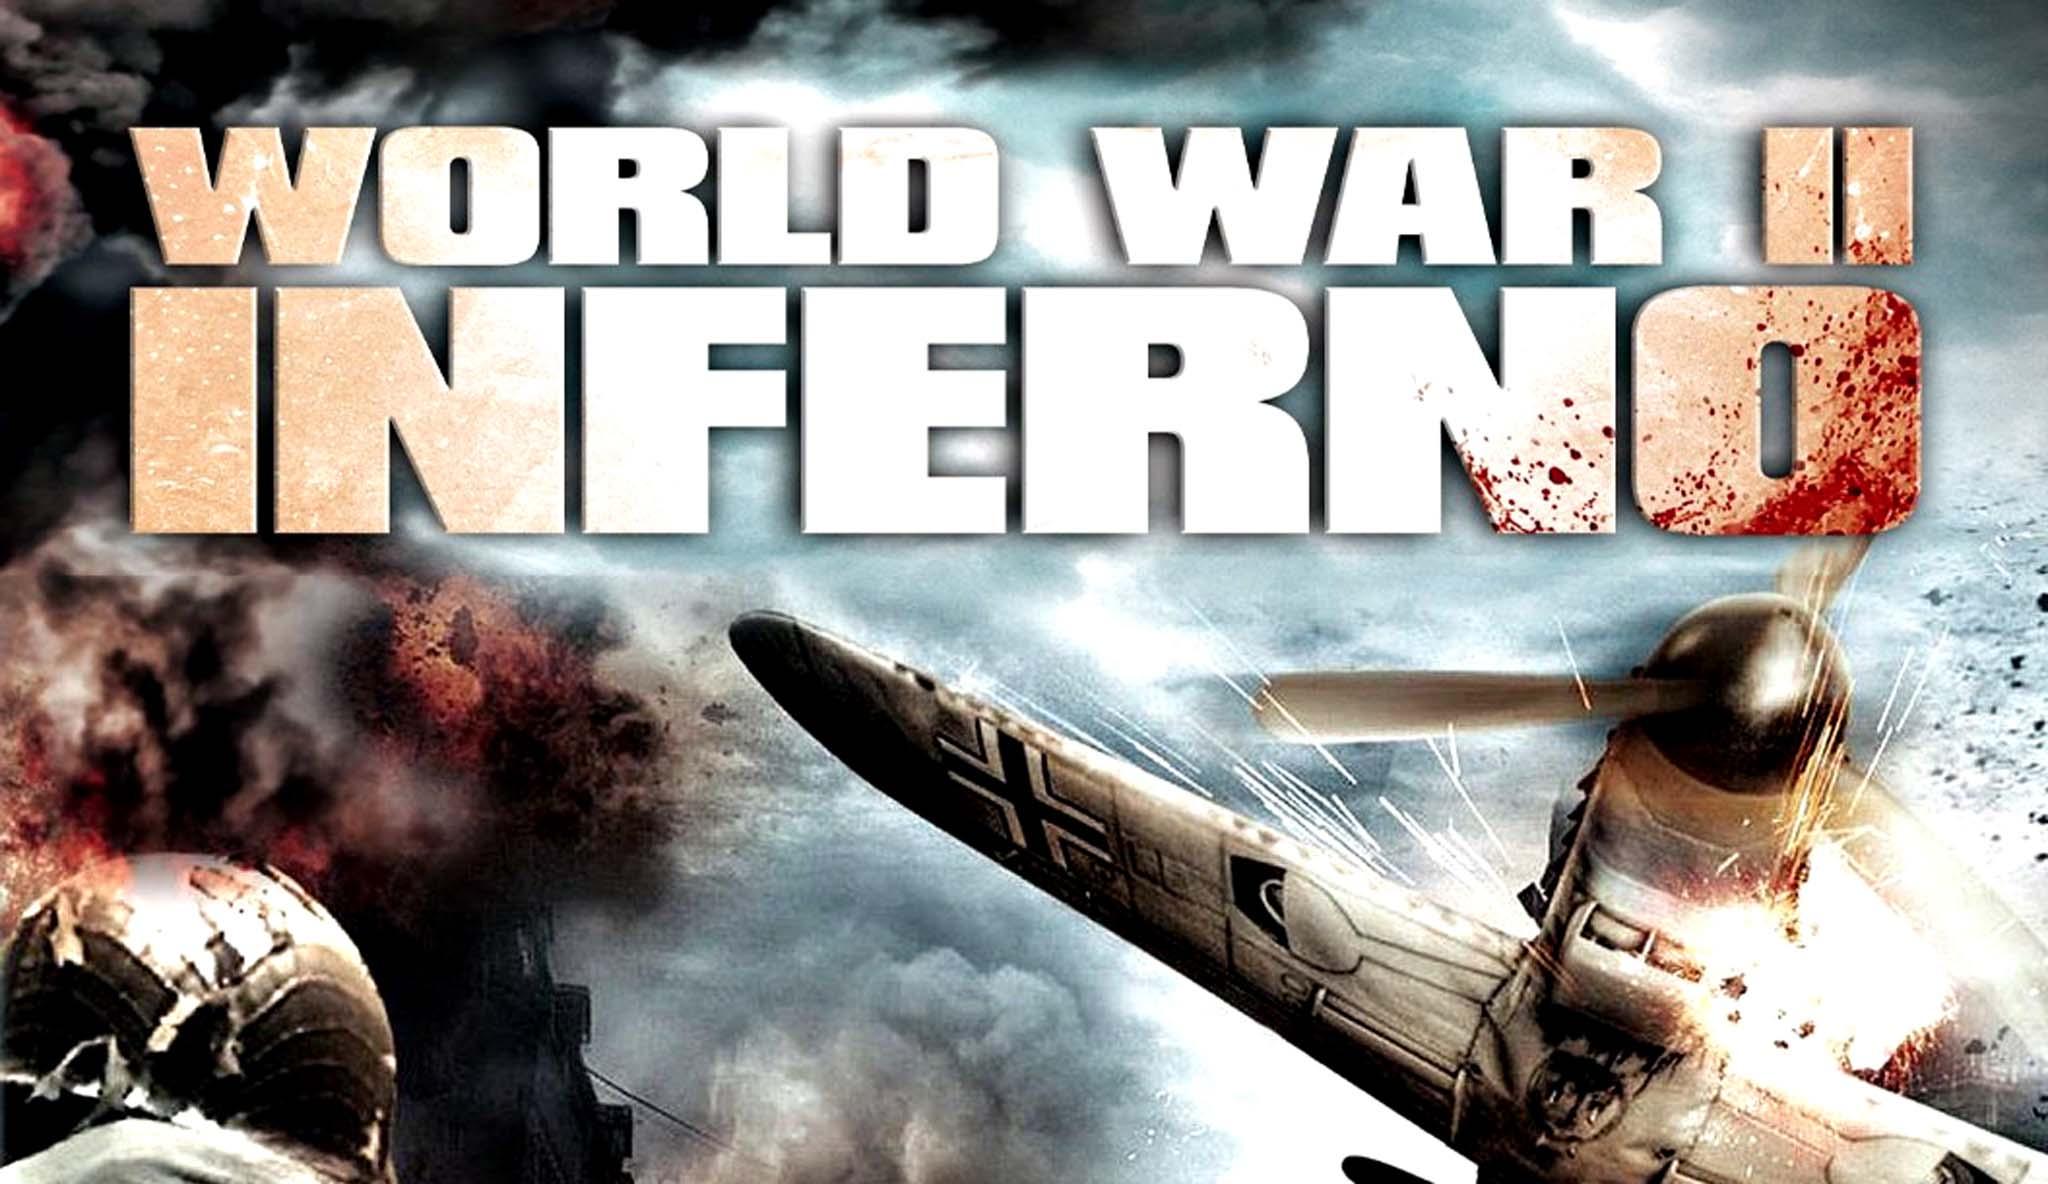 world-war-ii-inferno-spezialeinheit-ostfront\header.jpg